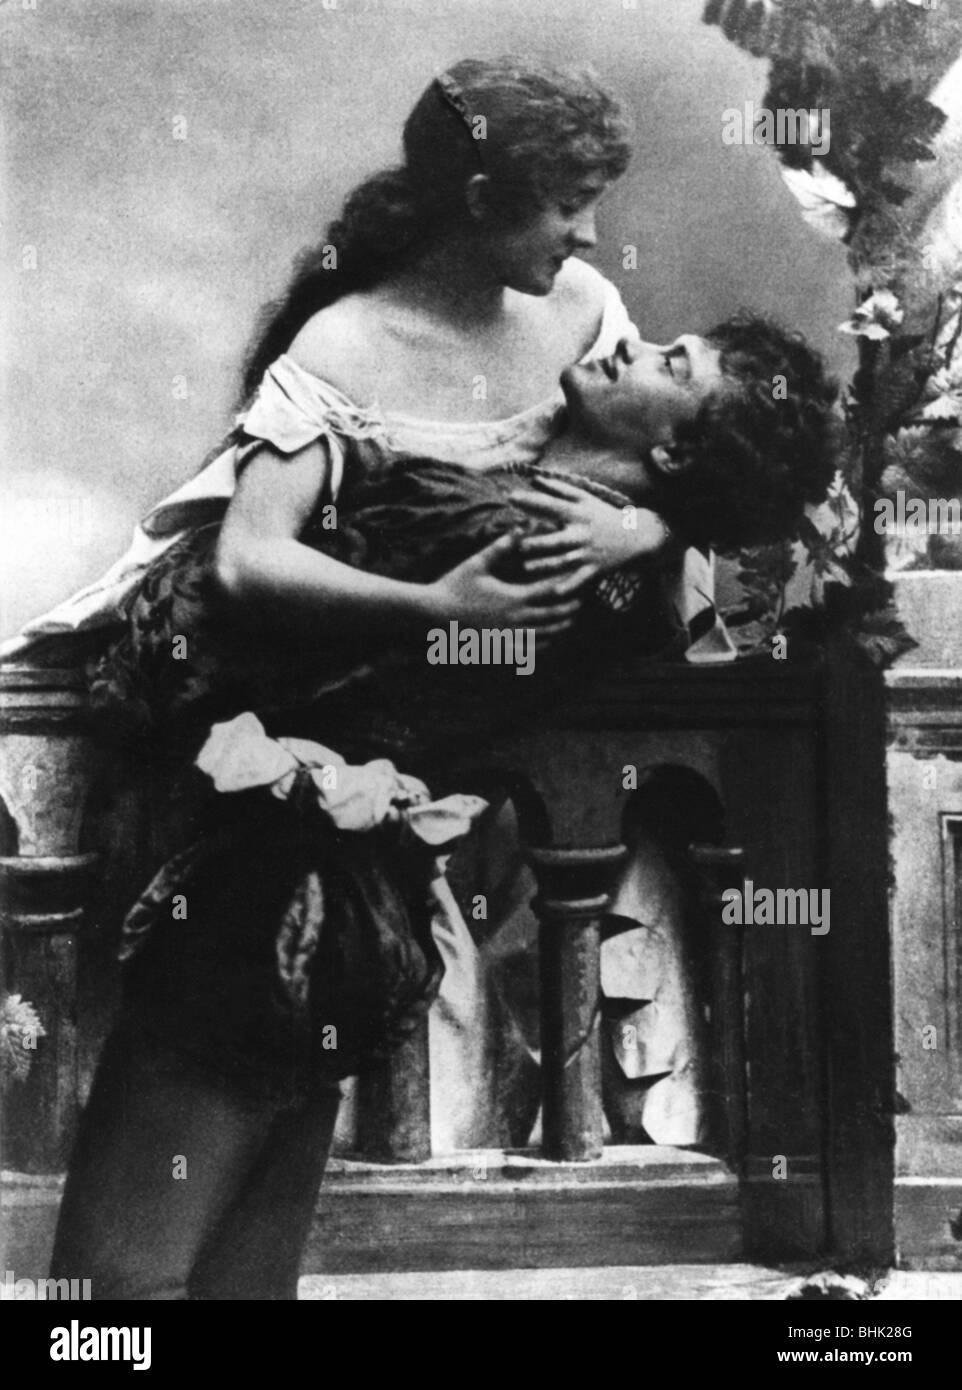 """Kainz, Josef, 2.1.1858 - 20.9.1910, österreichischer Schauspieler, als Romeo in dem Stück """"Romeo Stockbild"""